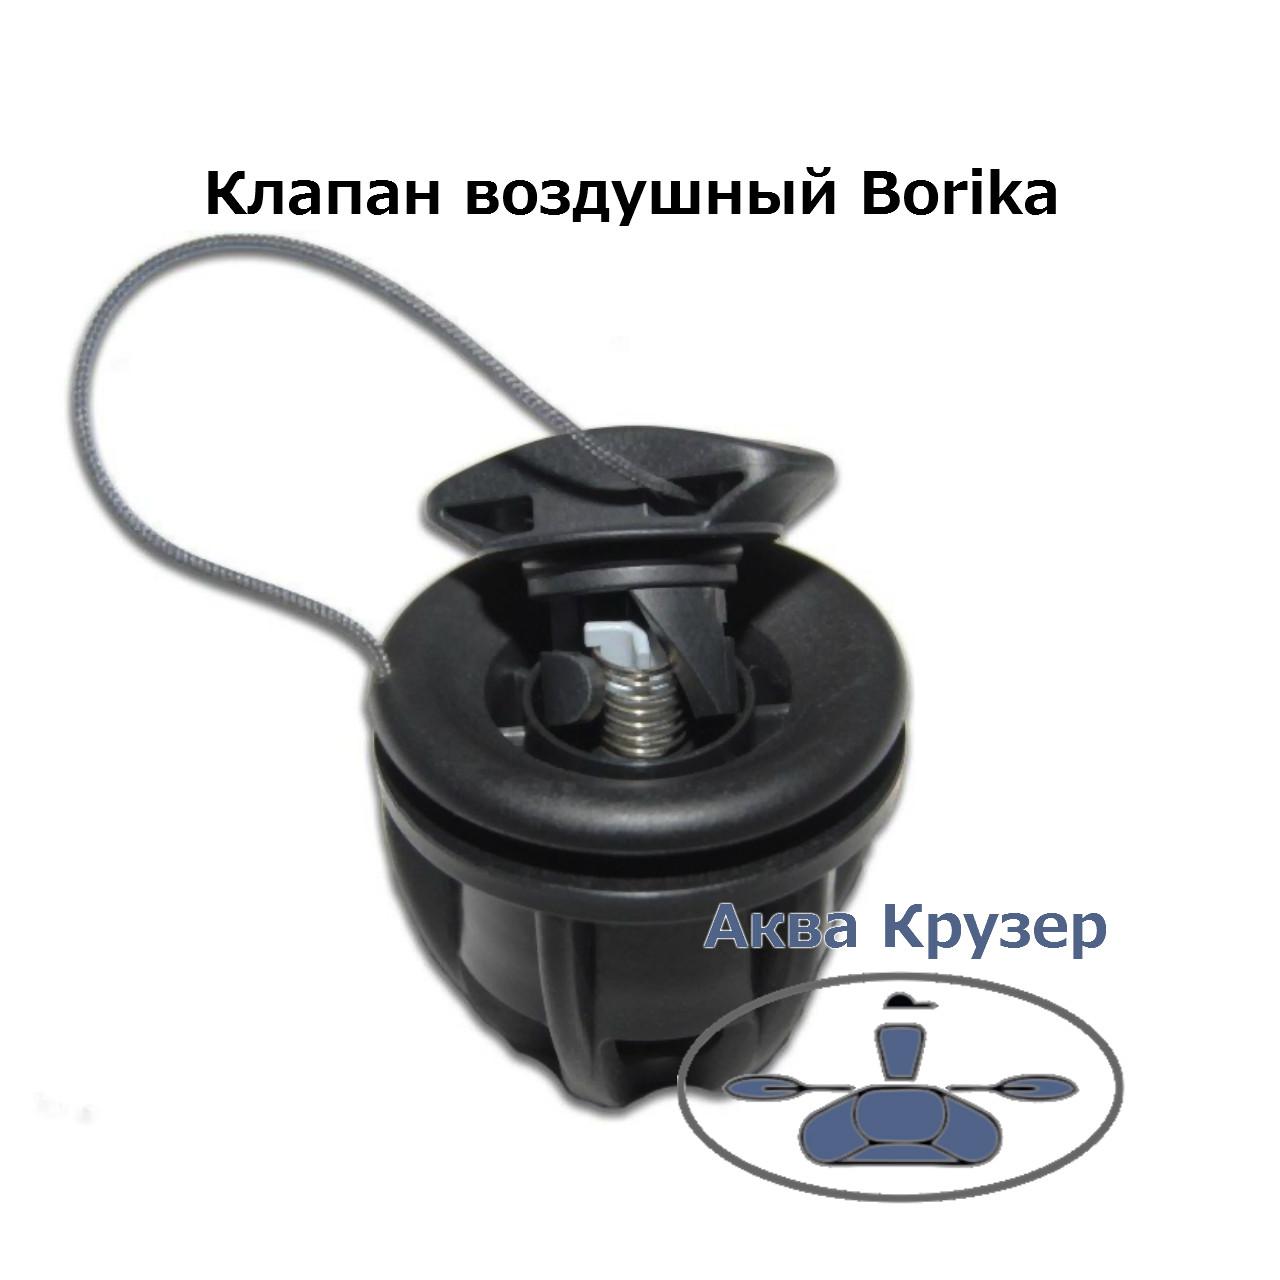 купить клапан